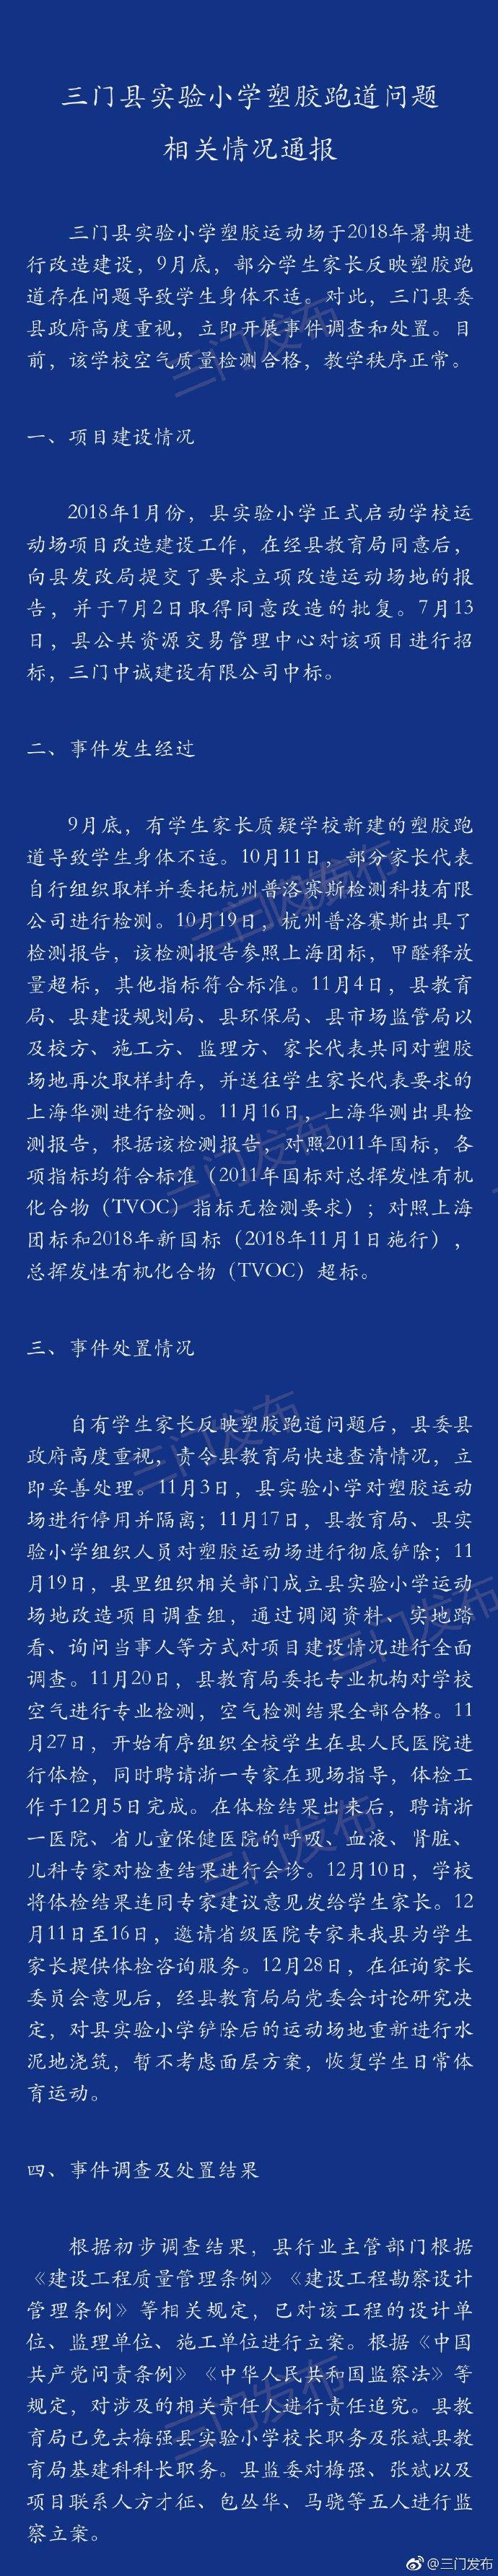 """三门县""""毒跑道""""续:校长等被监察立案"""